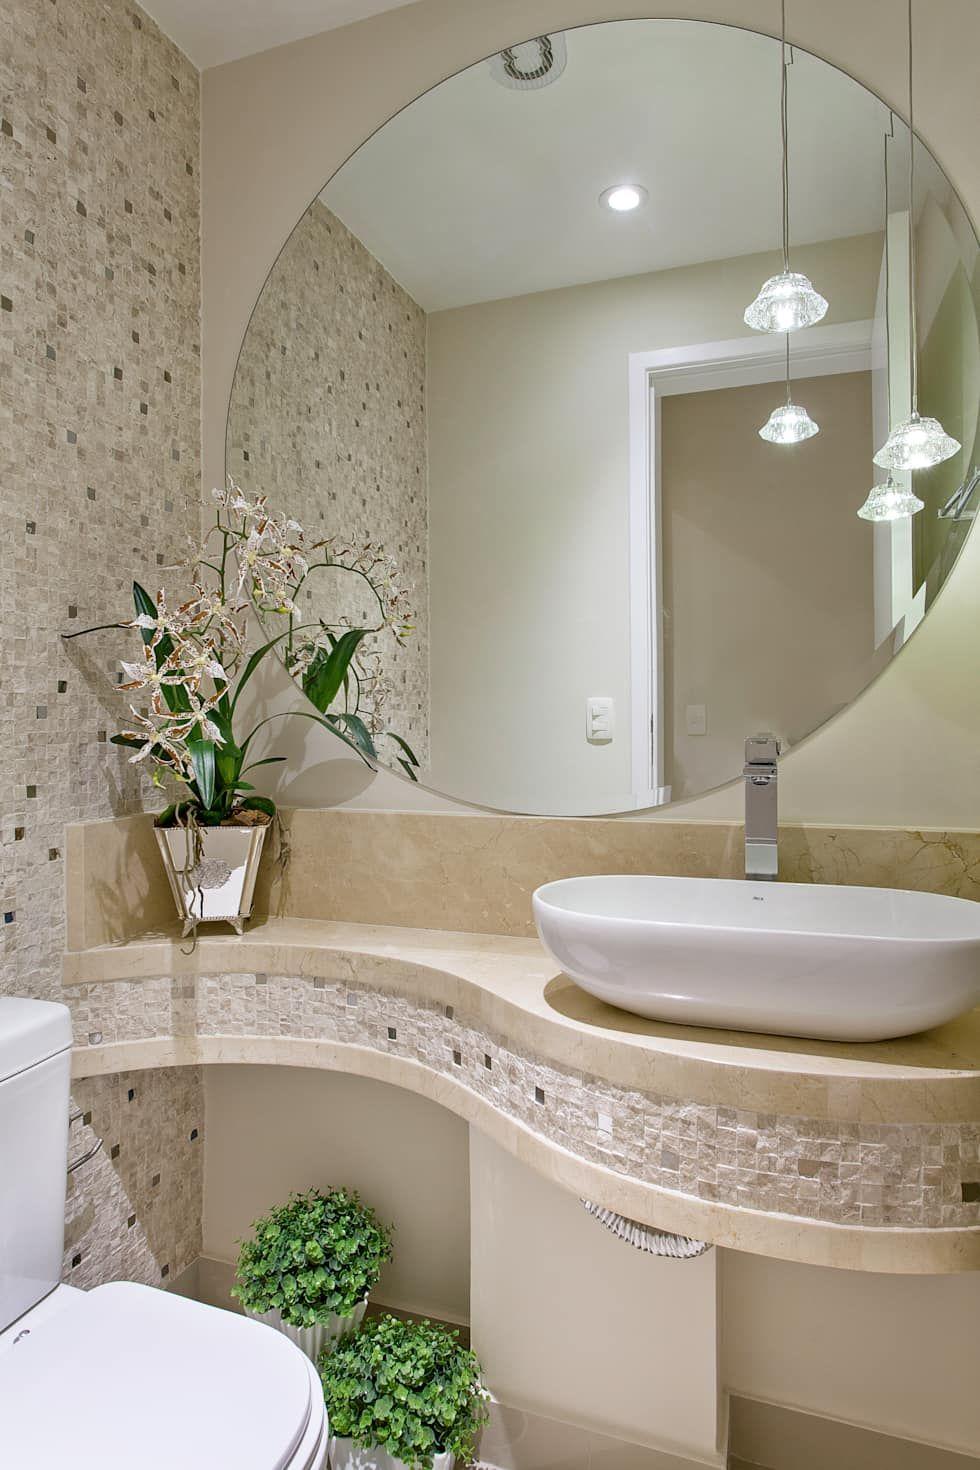 Fotos de decoração, design de interiores e reformas | Baño, Baño ...